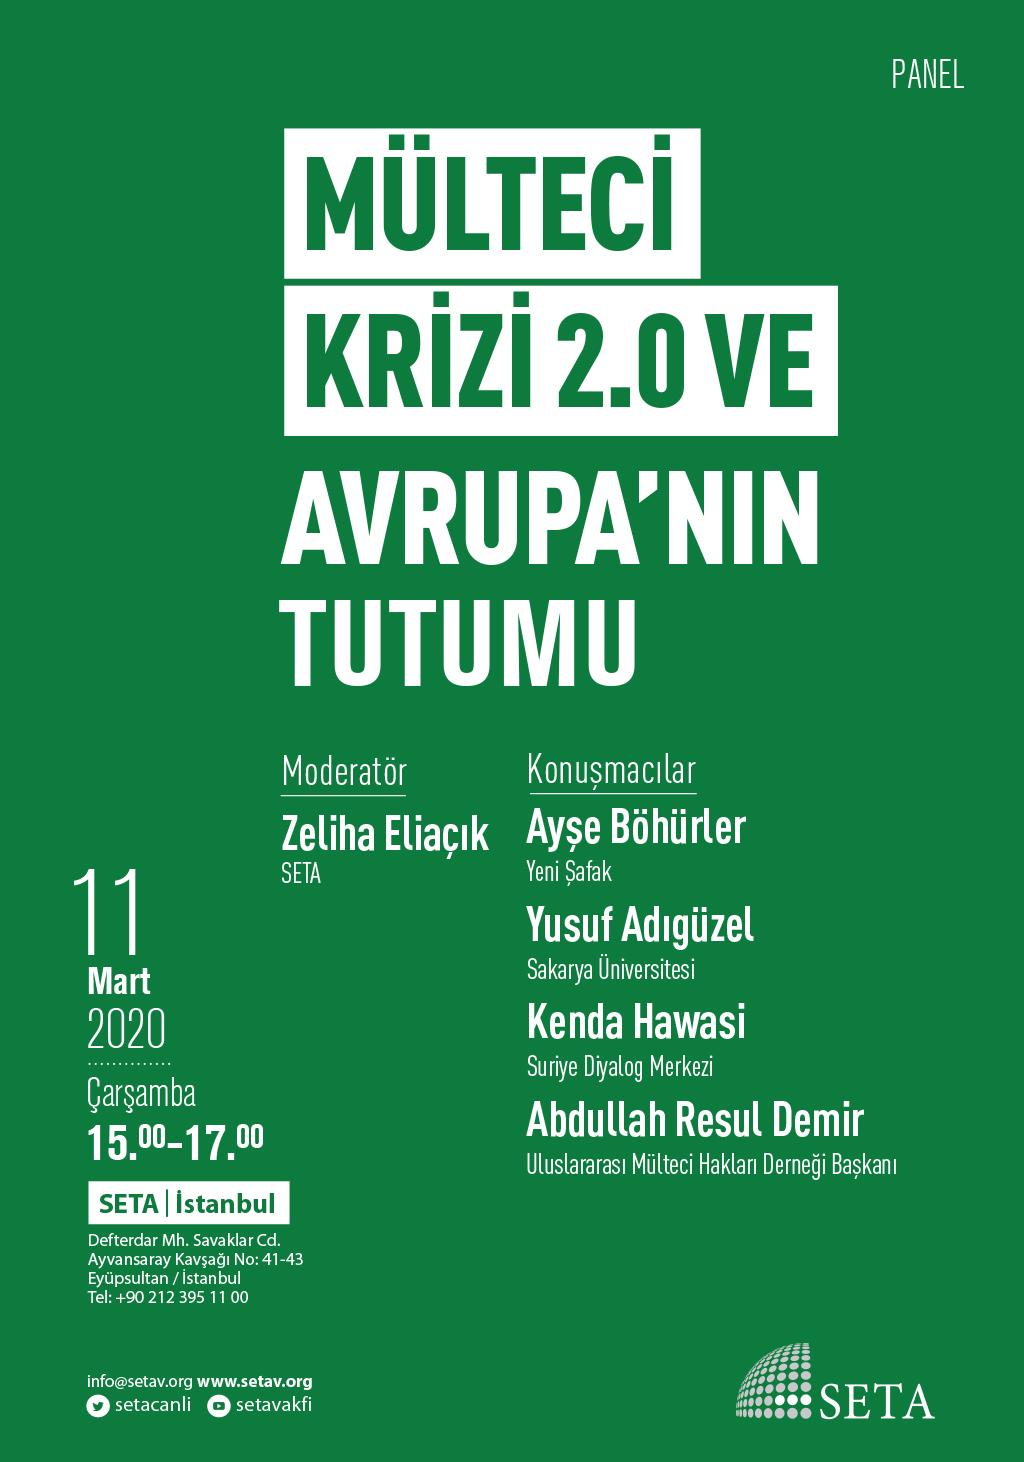 Panel: Mülteci Krizi 2.0 ve Avrupa'nın Tutumu